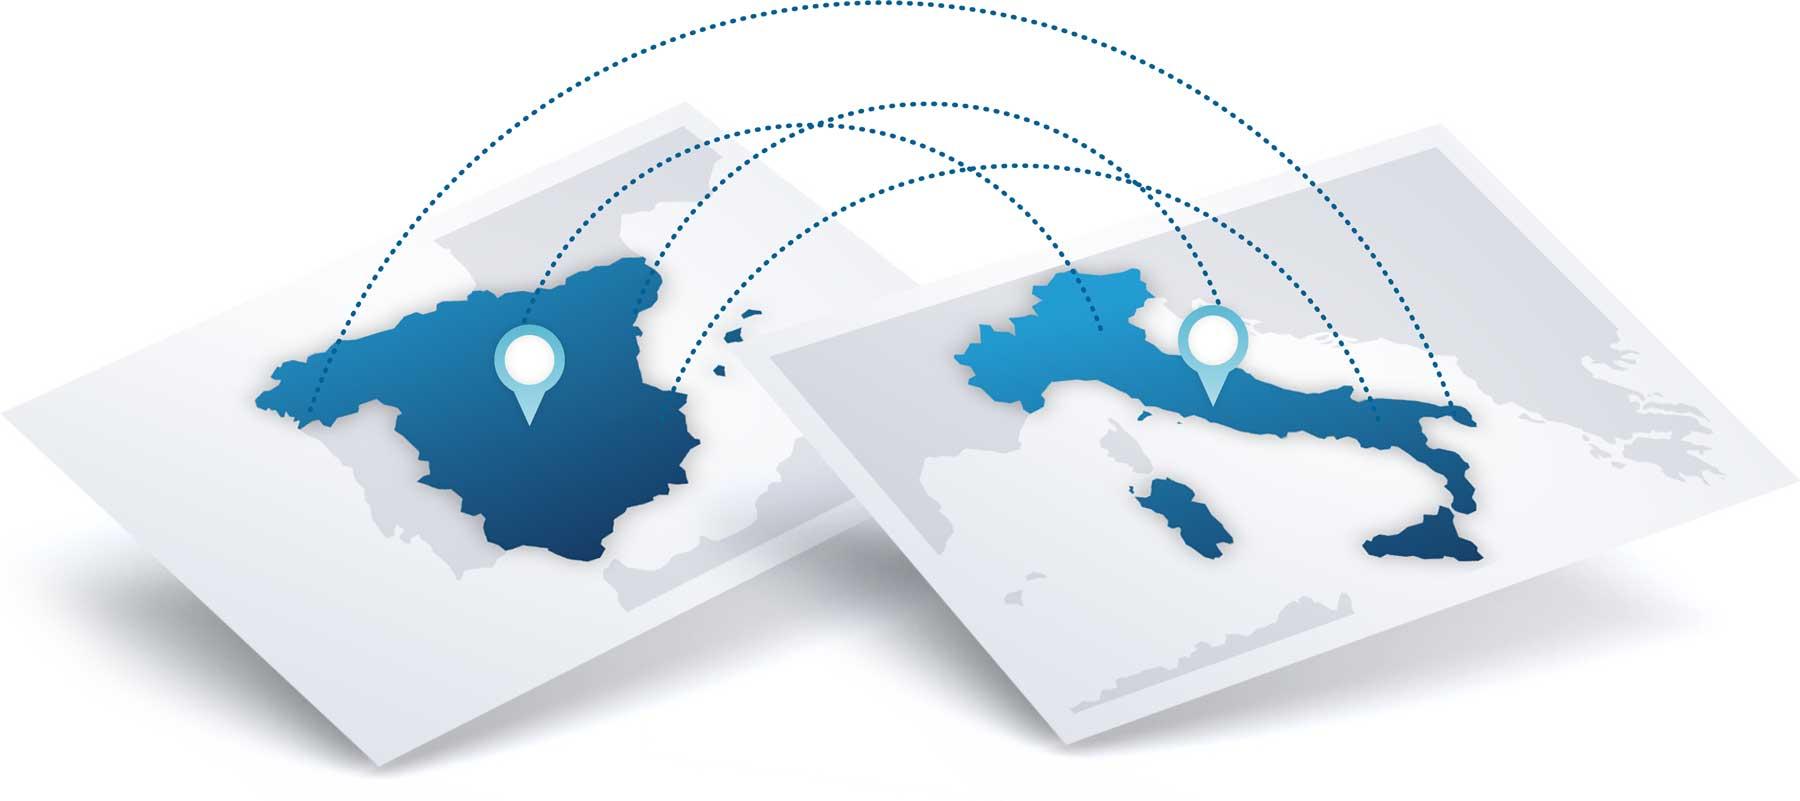 Oficinas en Italia y en España